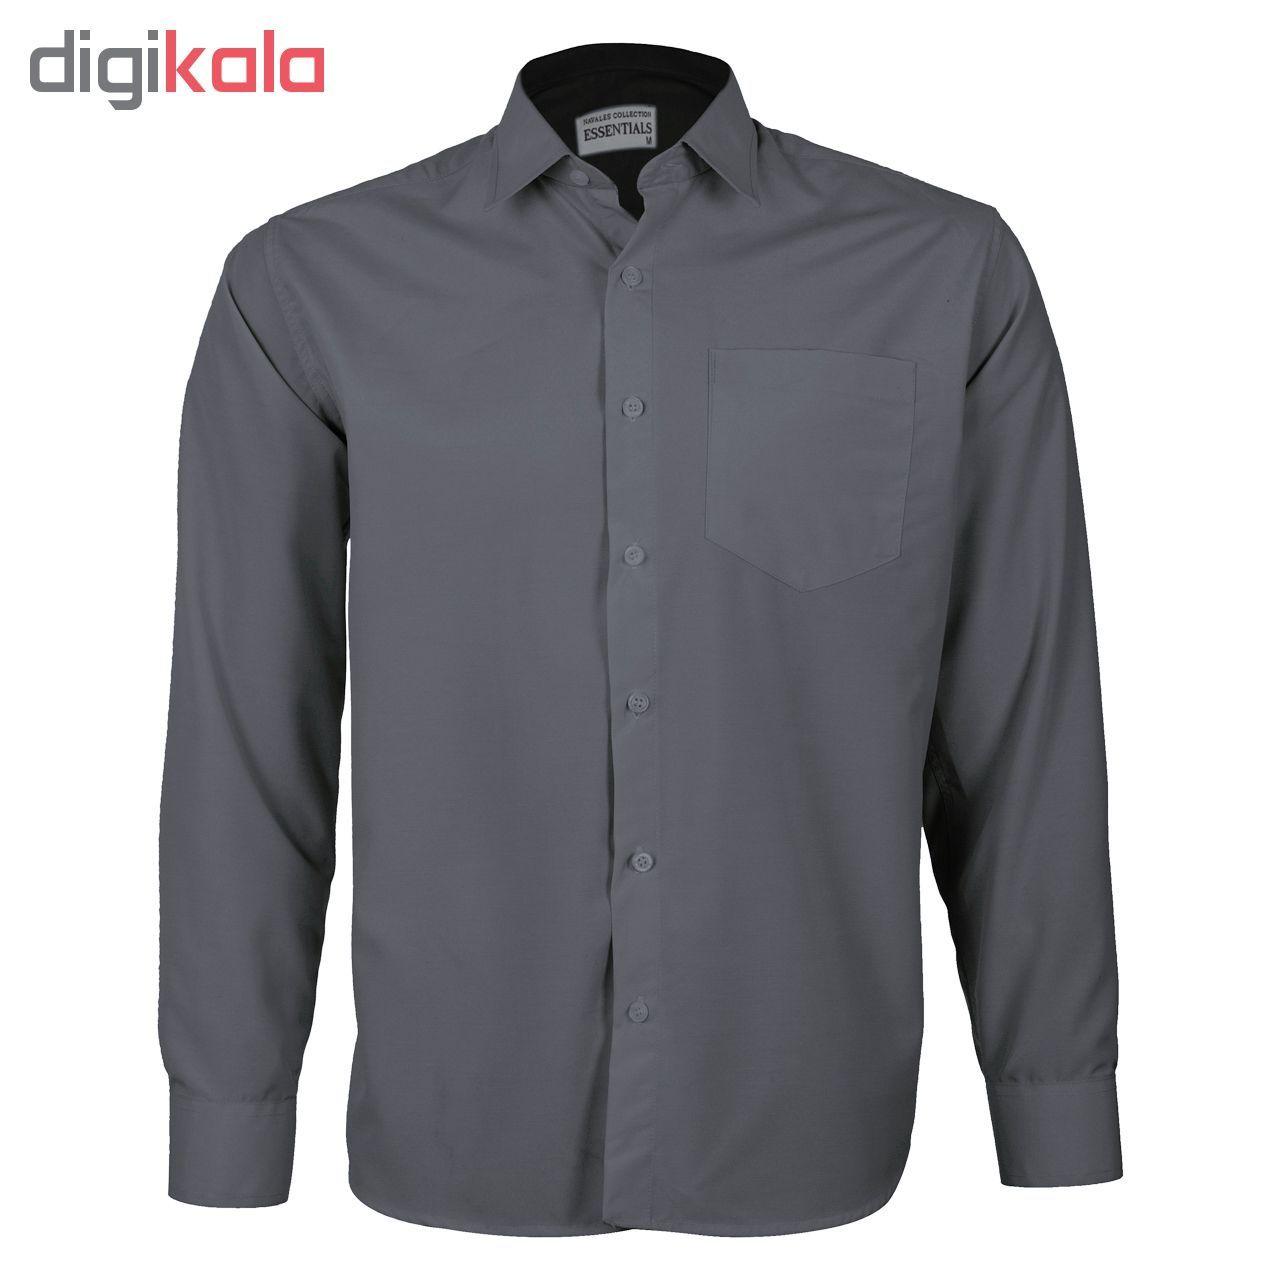 پیراهن مردانه ناوالس کد RegularFit-Tet-Dgy main 1 1